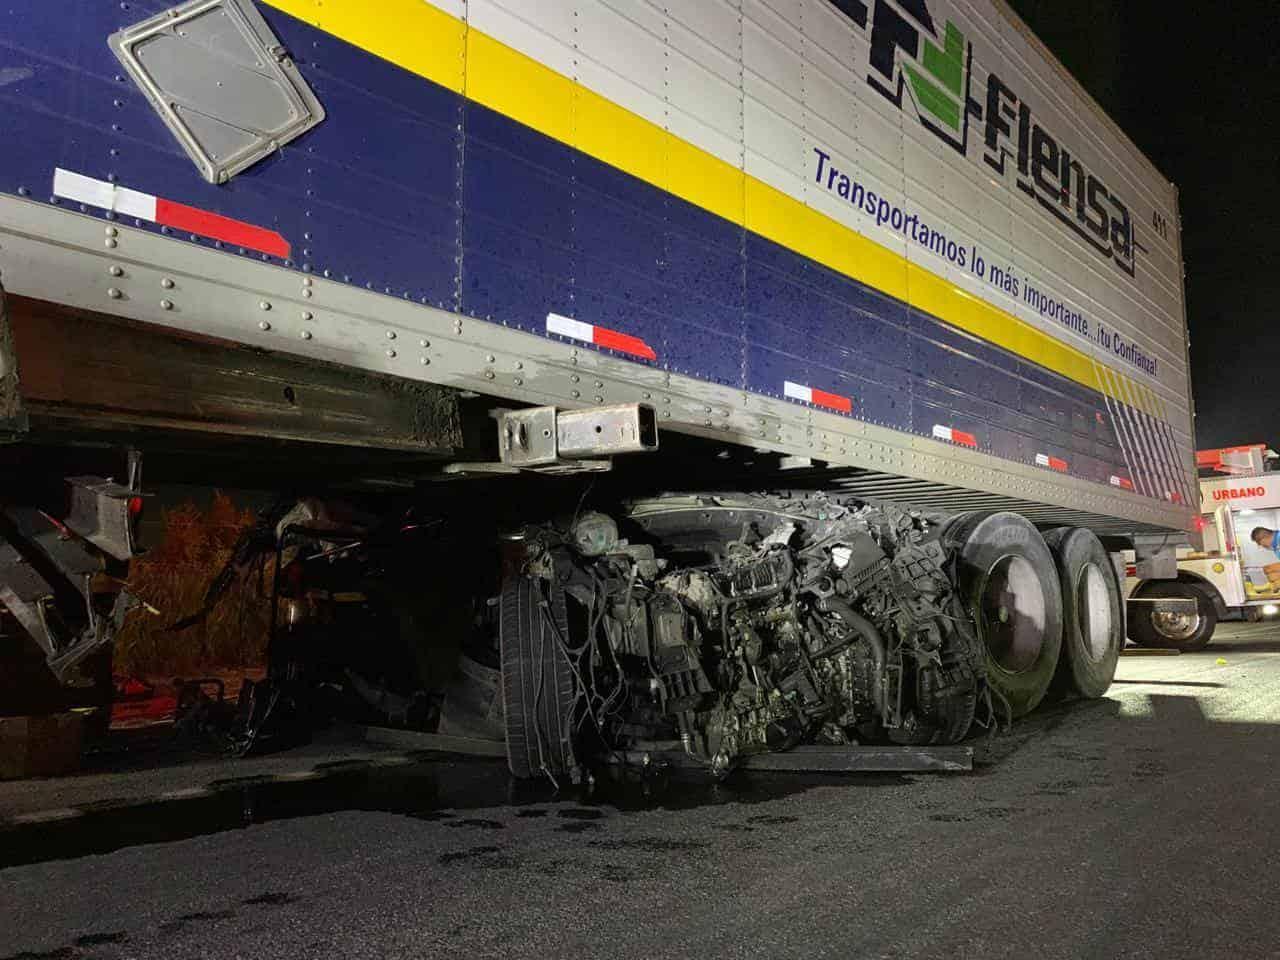 El conductor de una camioneta resultó gravemente lesionado al ser arrastrado al menos 200 metros